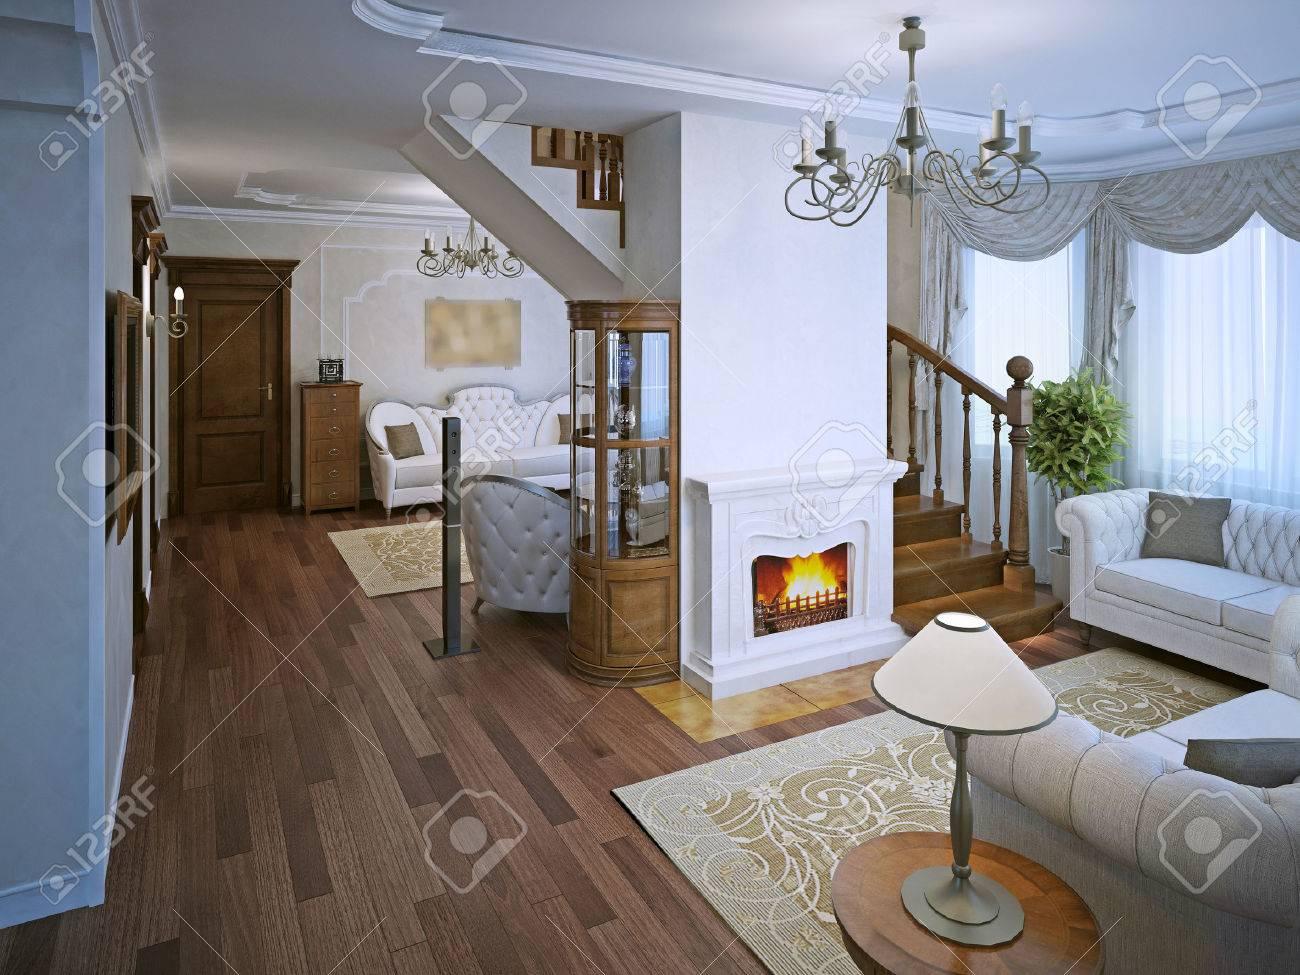 Lounge Dans Le Style Art Deco Avec Cheminee Parquet Flooting Et